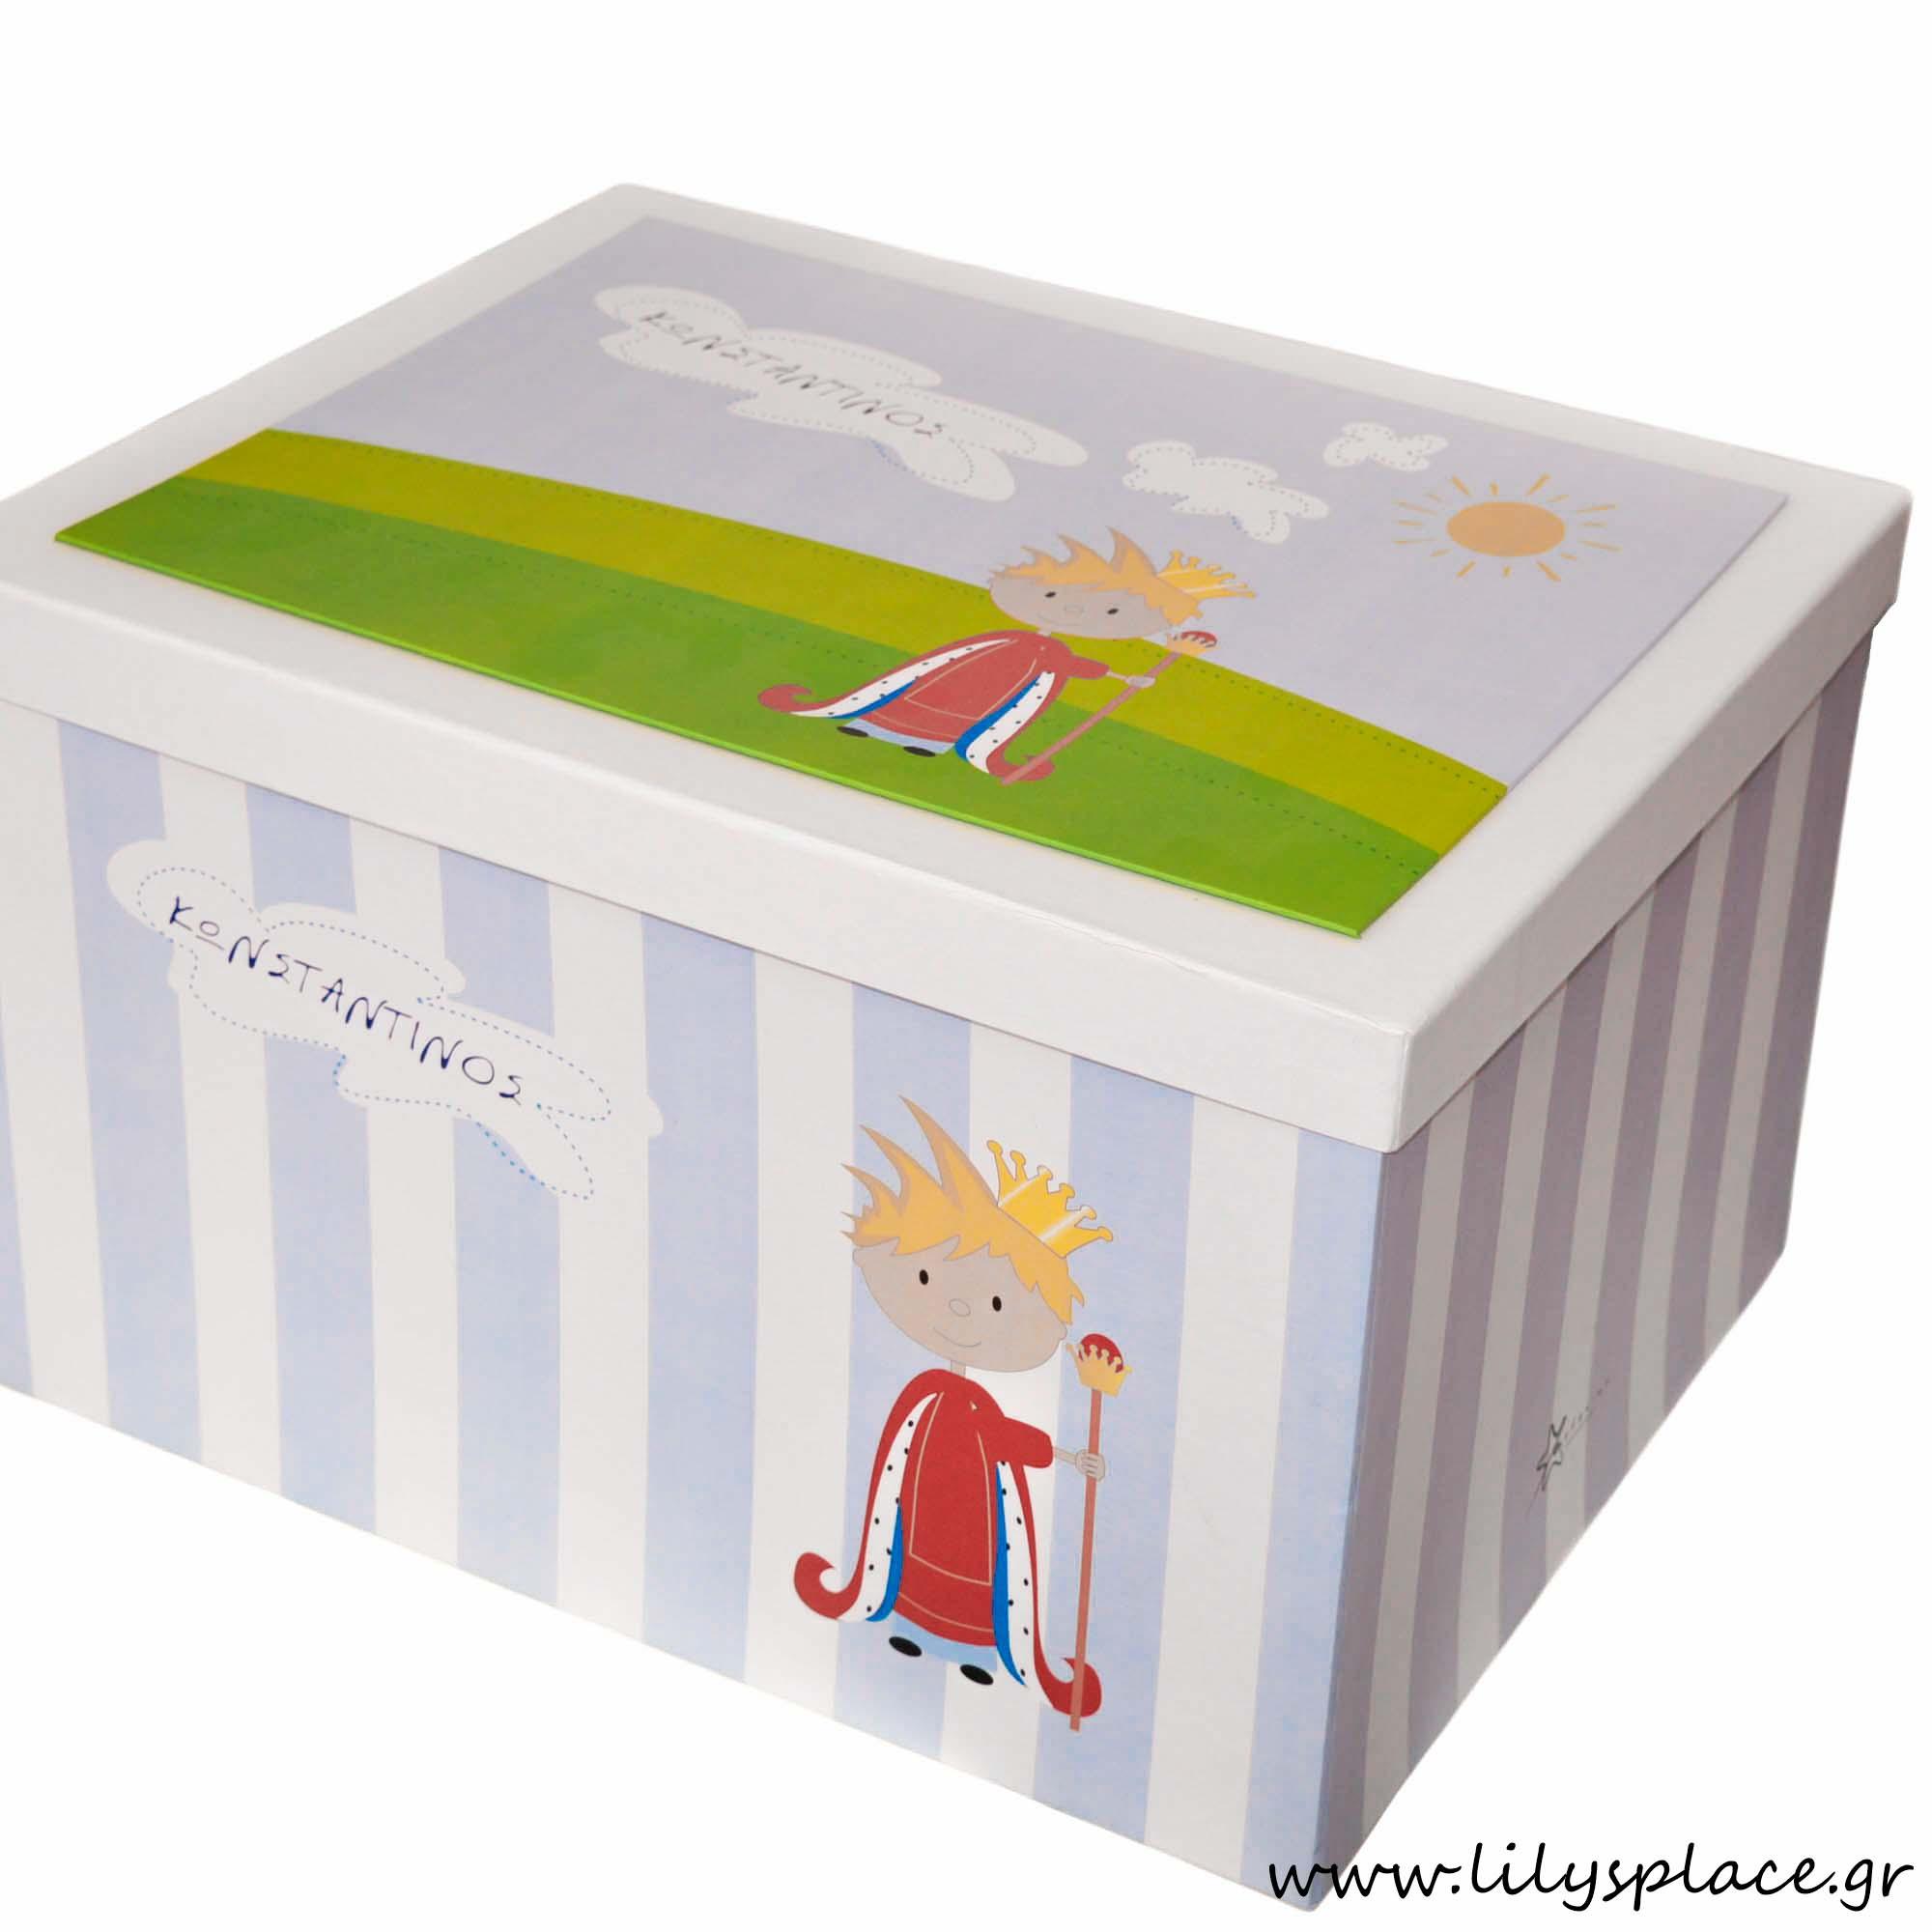 Κουτί βάπτισης με θέμα πρίγκιπας χάρτινο